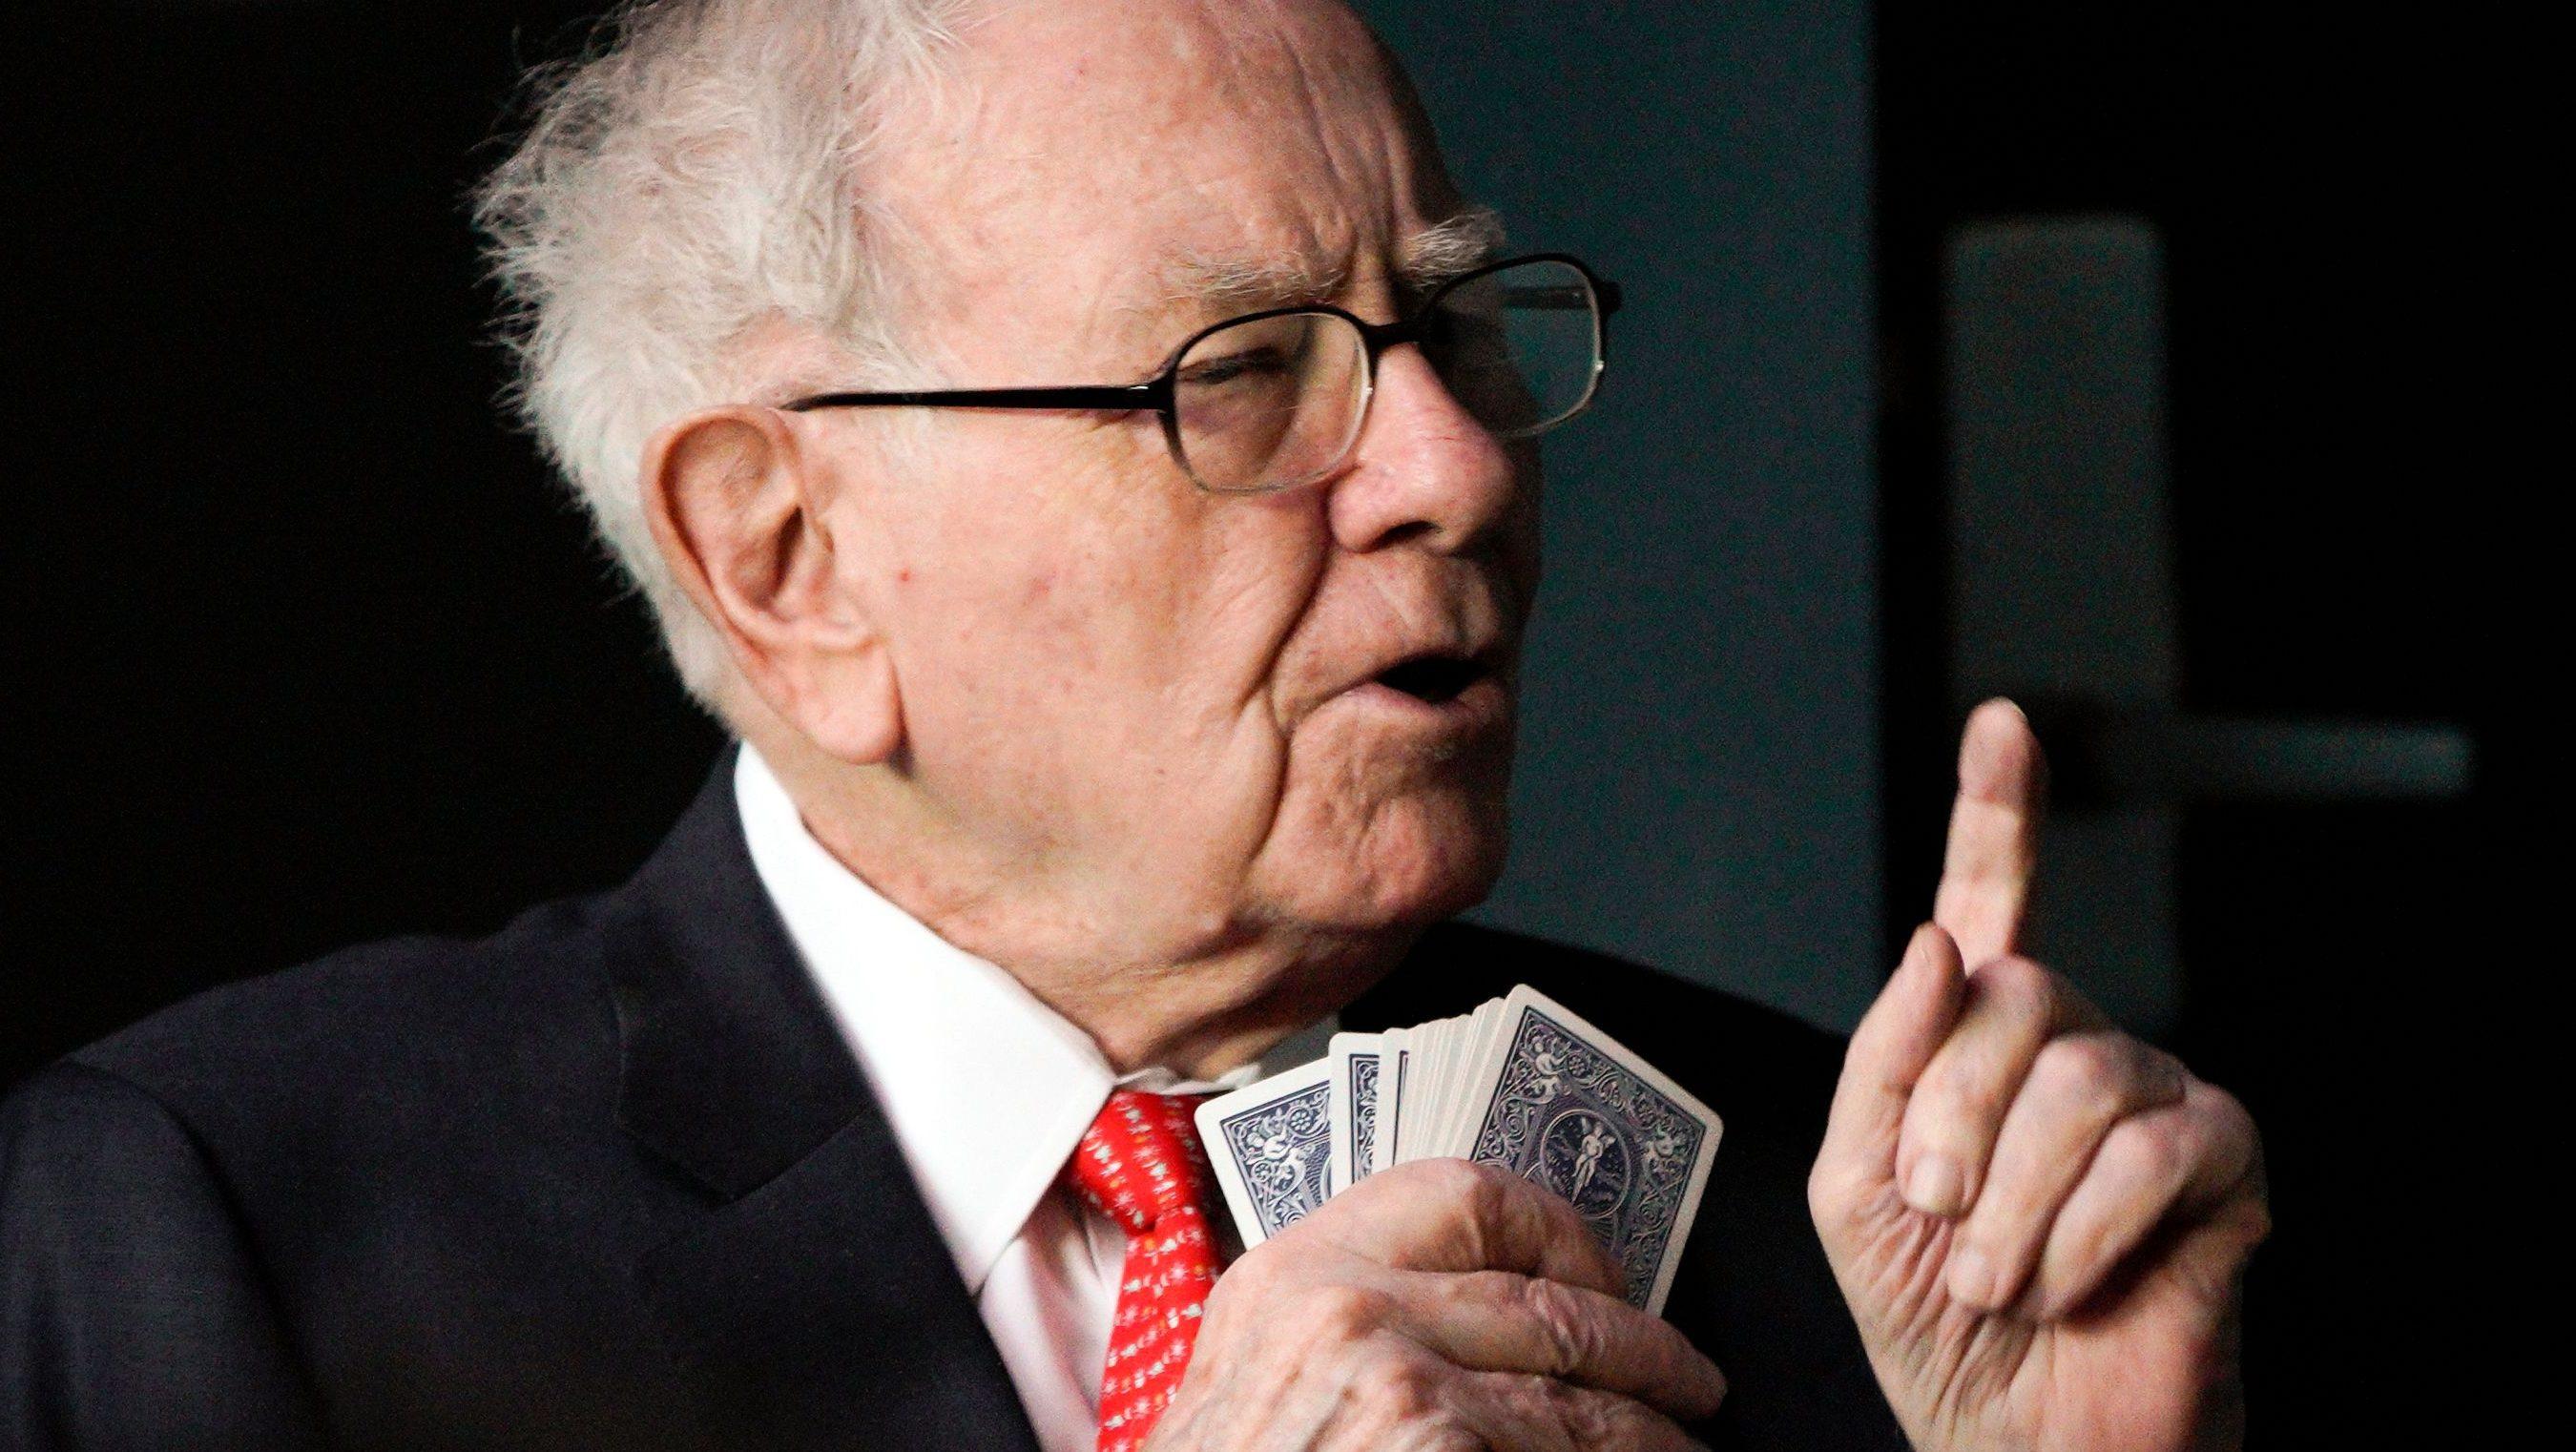 qz.com - Corinne Purtill - Nevada's Question 3 was a fight between two billionaires and Warren Buffett won